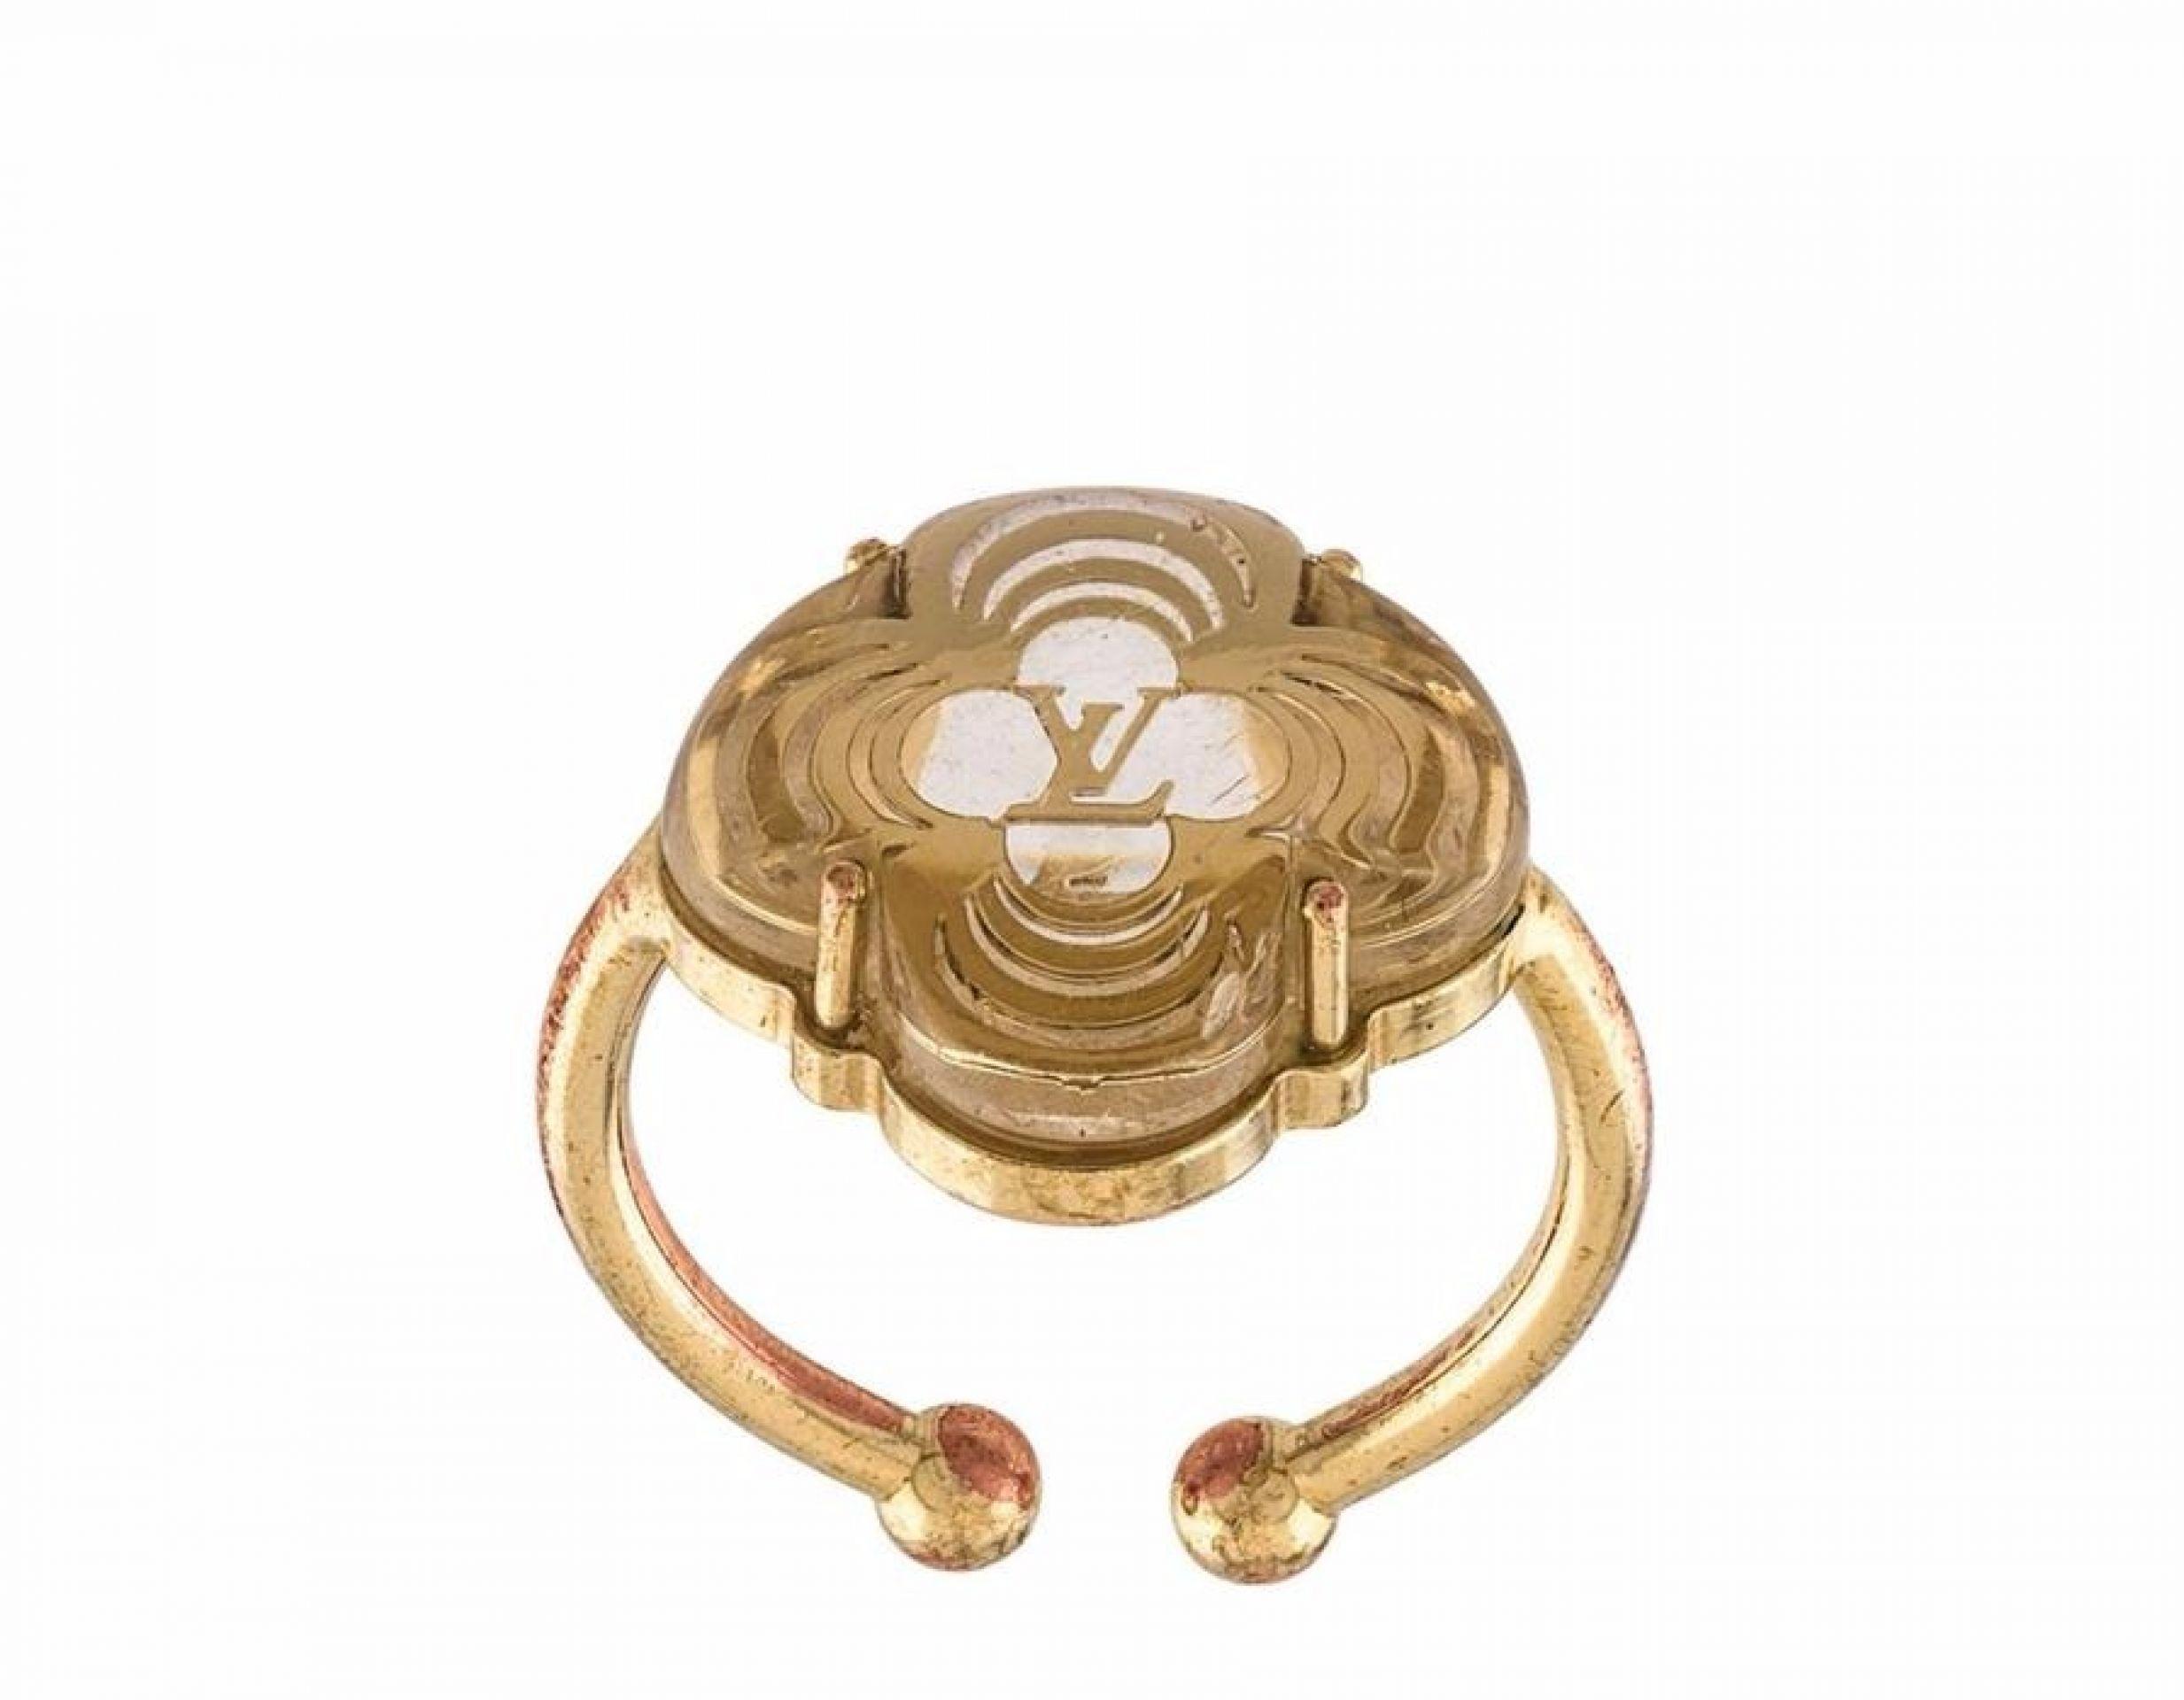 Louis Vuitton Gold A La Foile Ring